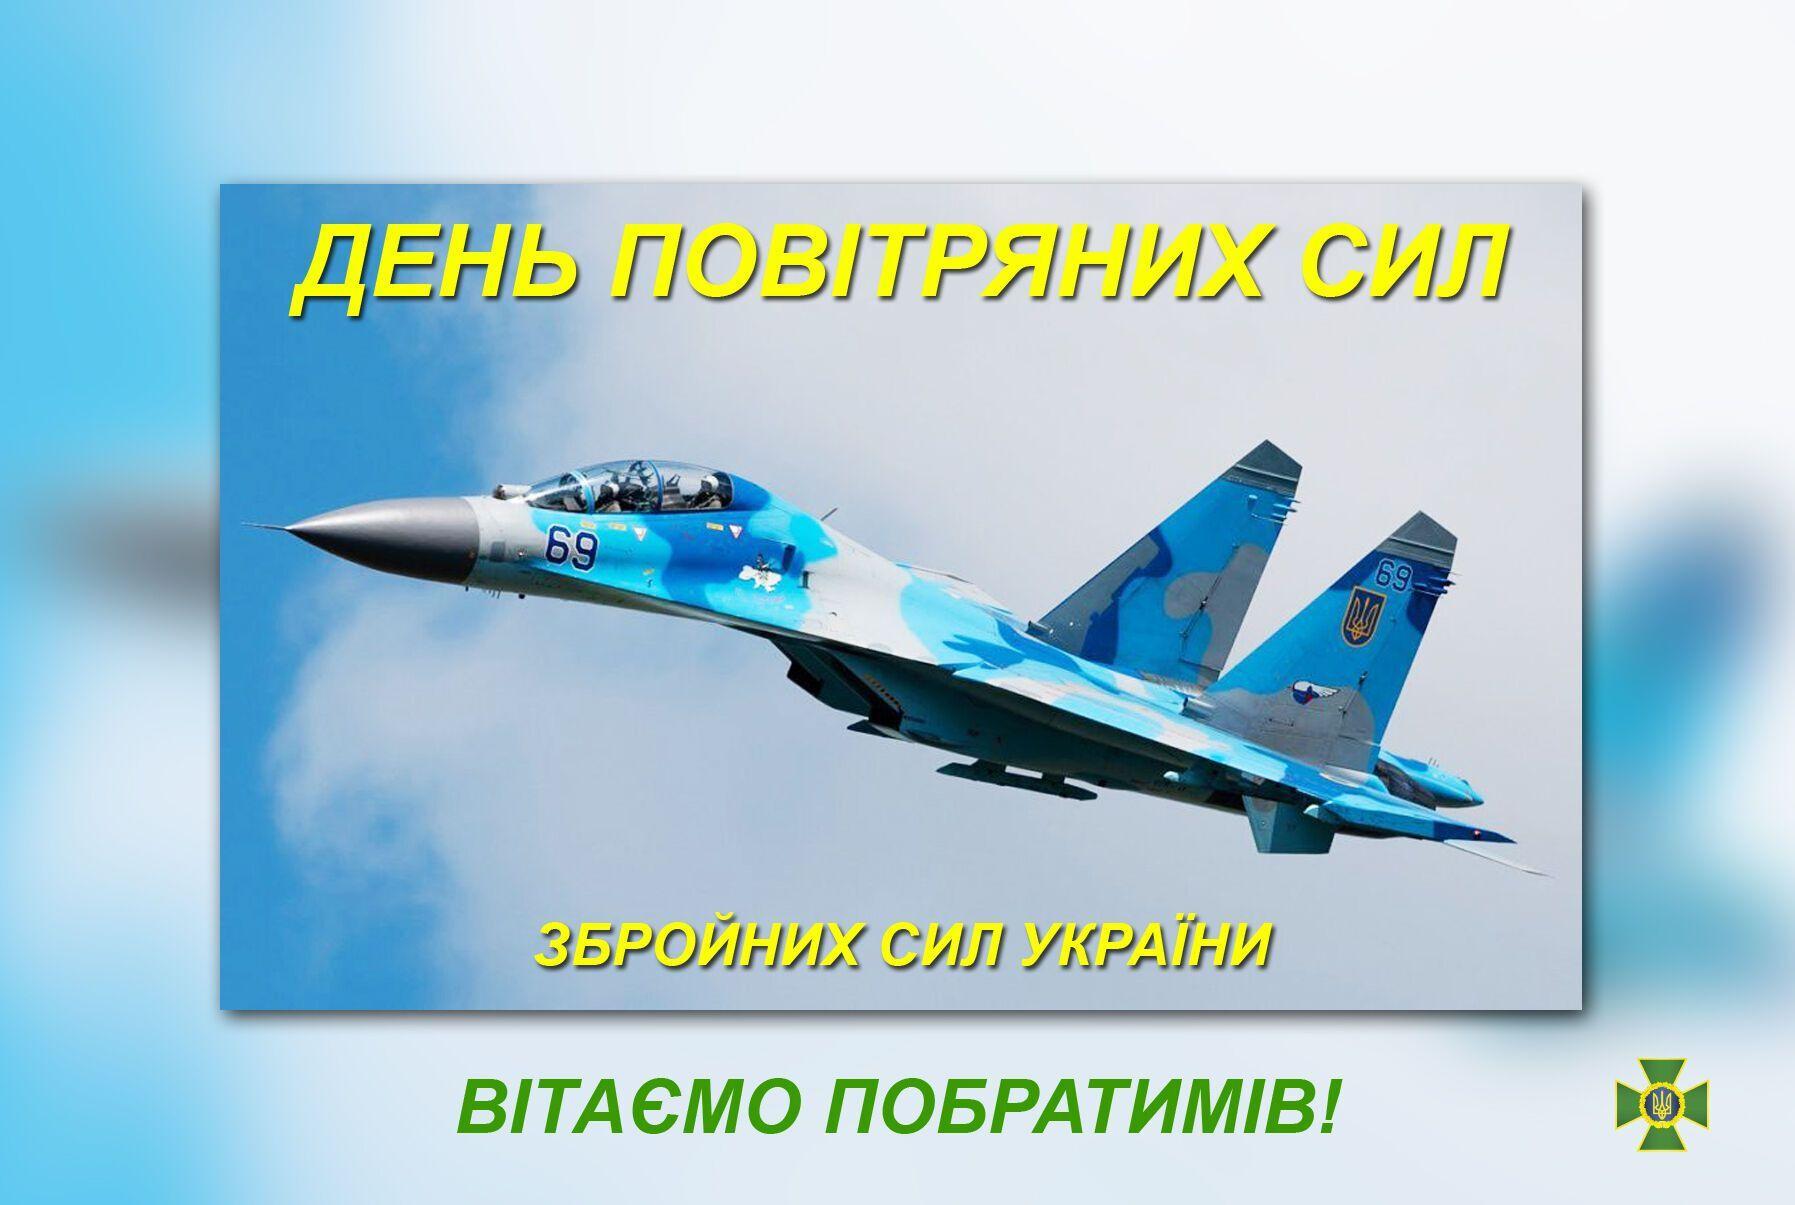 З Днем Повітряних сил України